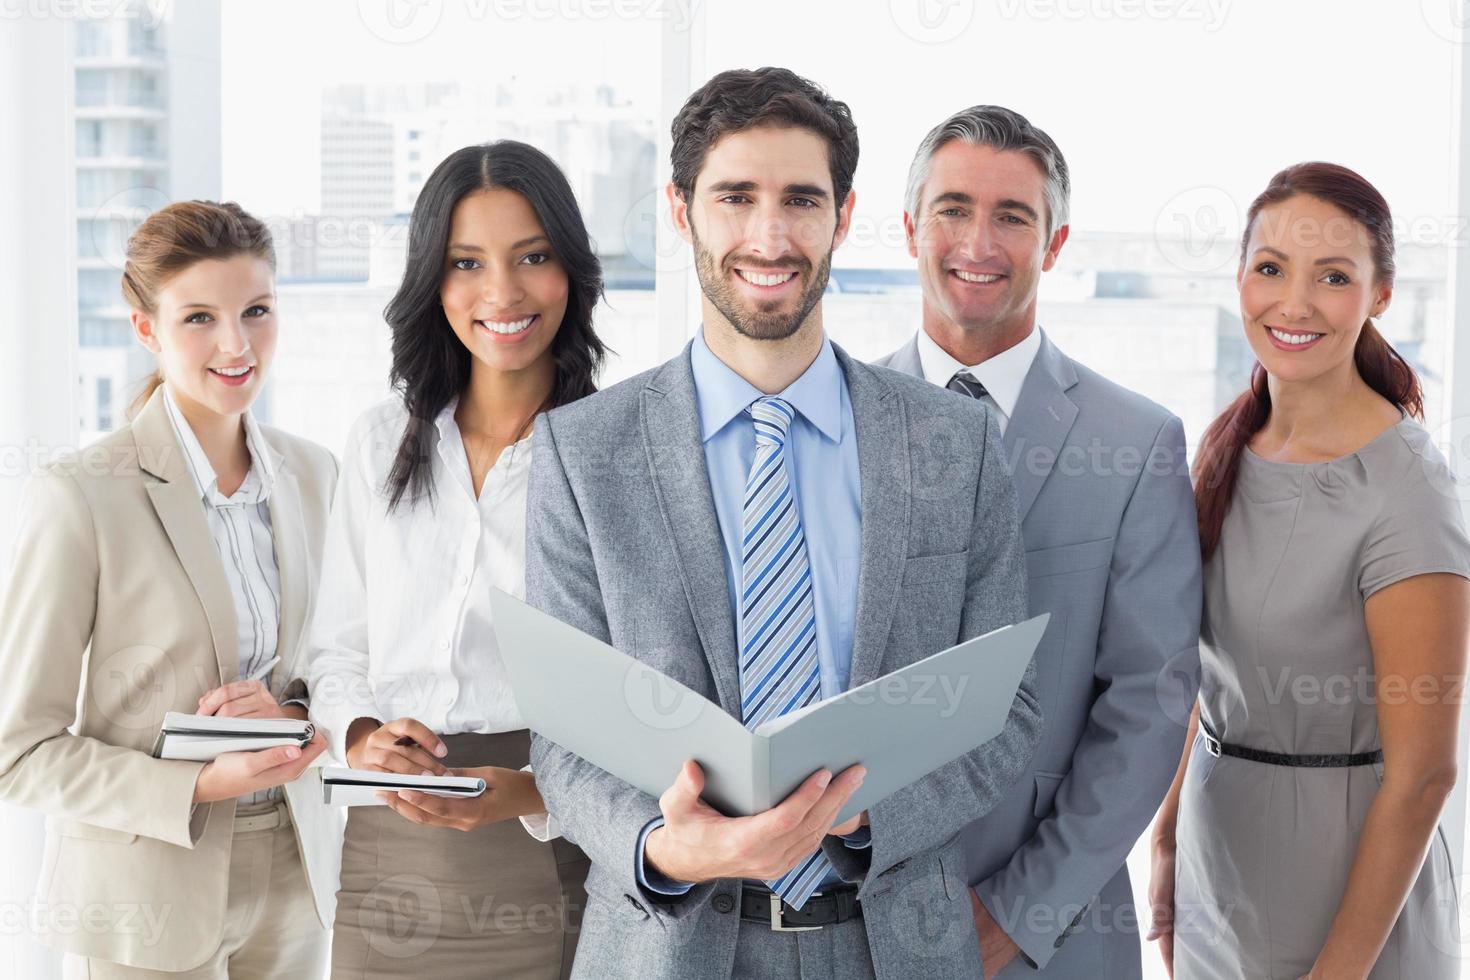 squadra di affari che legge dai file foto